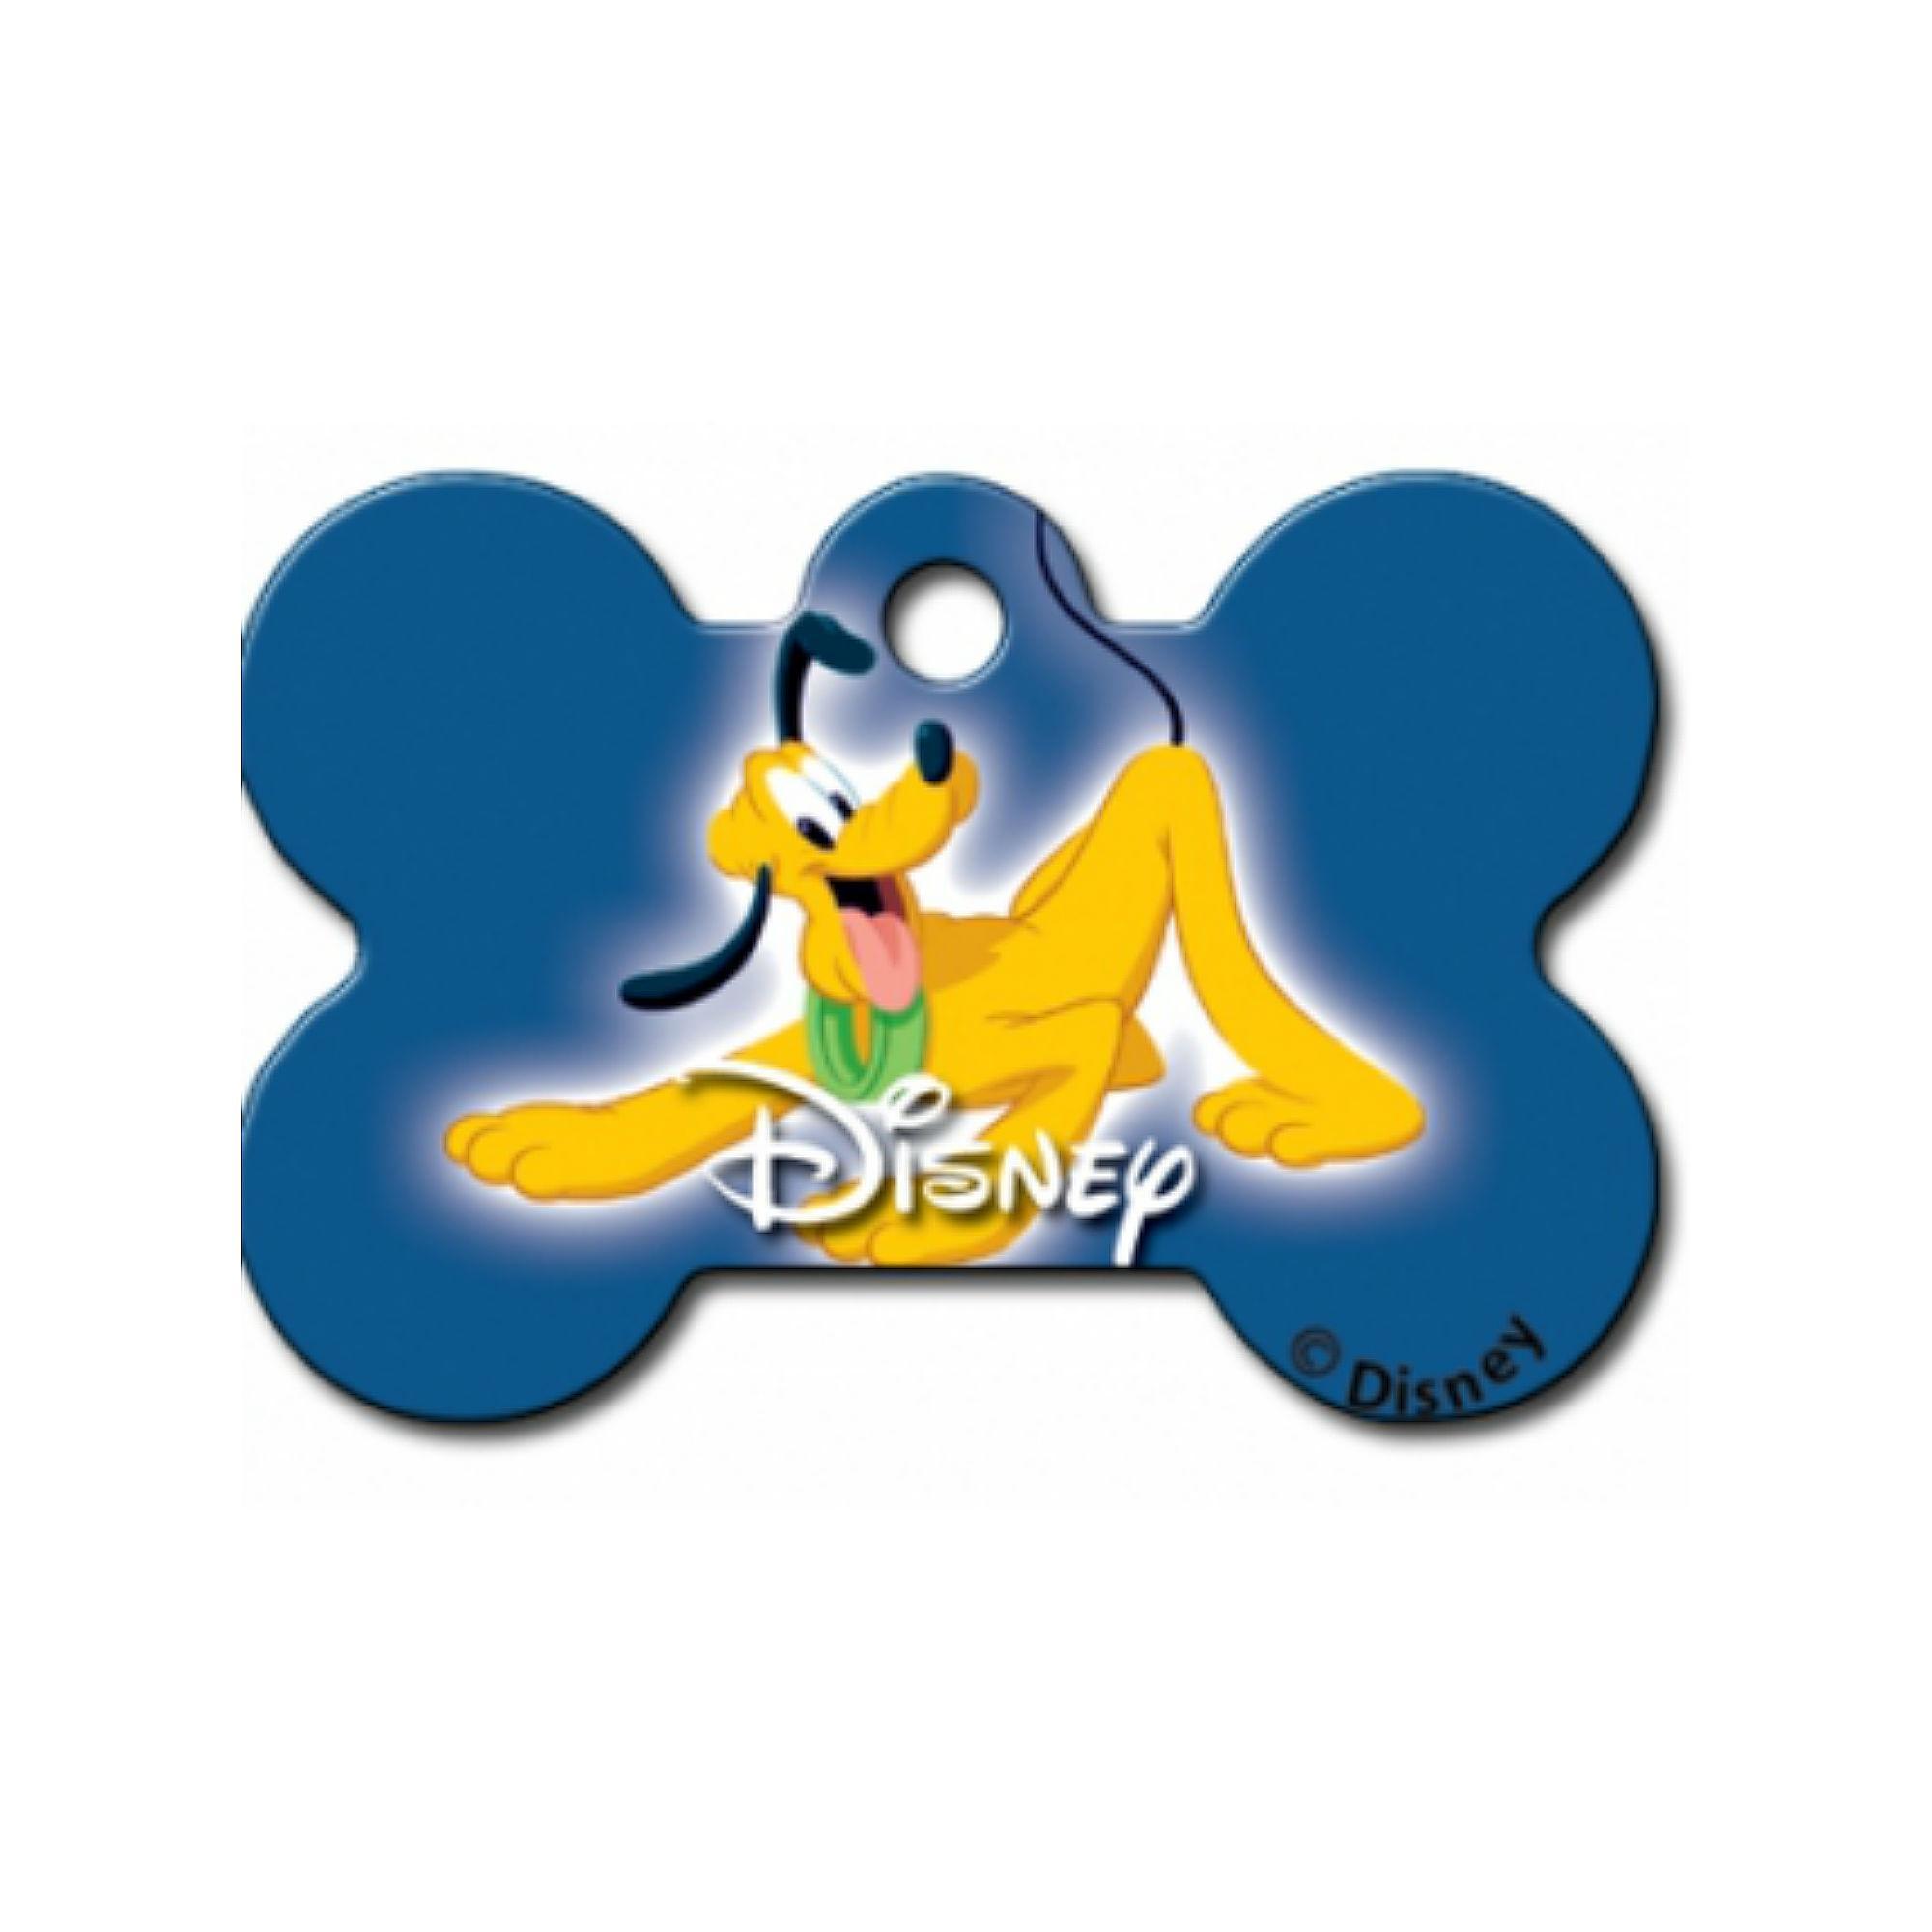 Disney© Pluto Bone Large Engravable Pet I.D. Tag - Blue